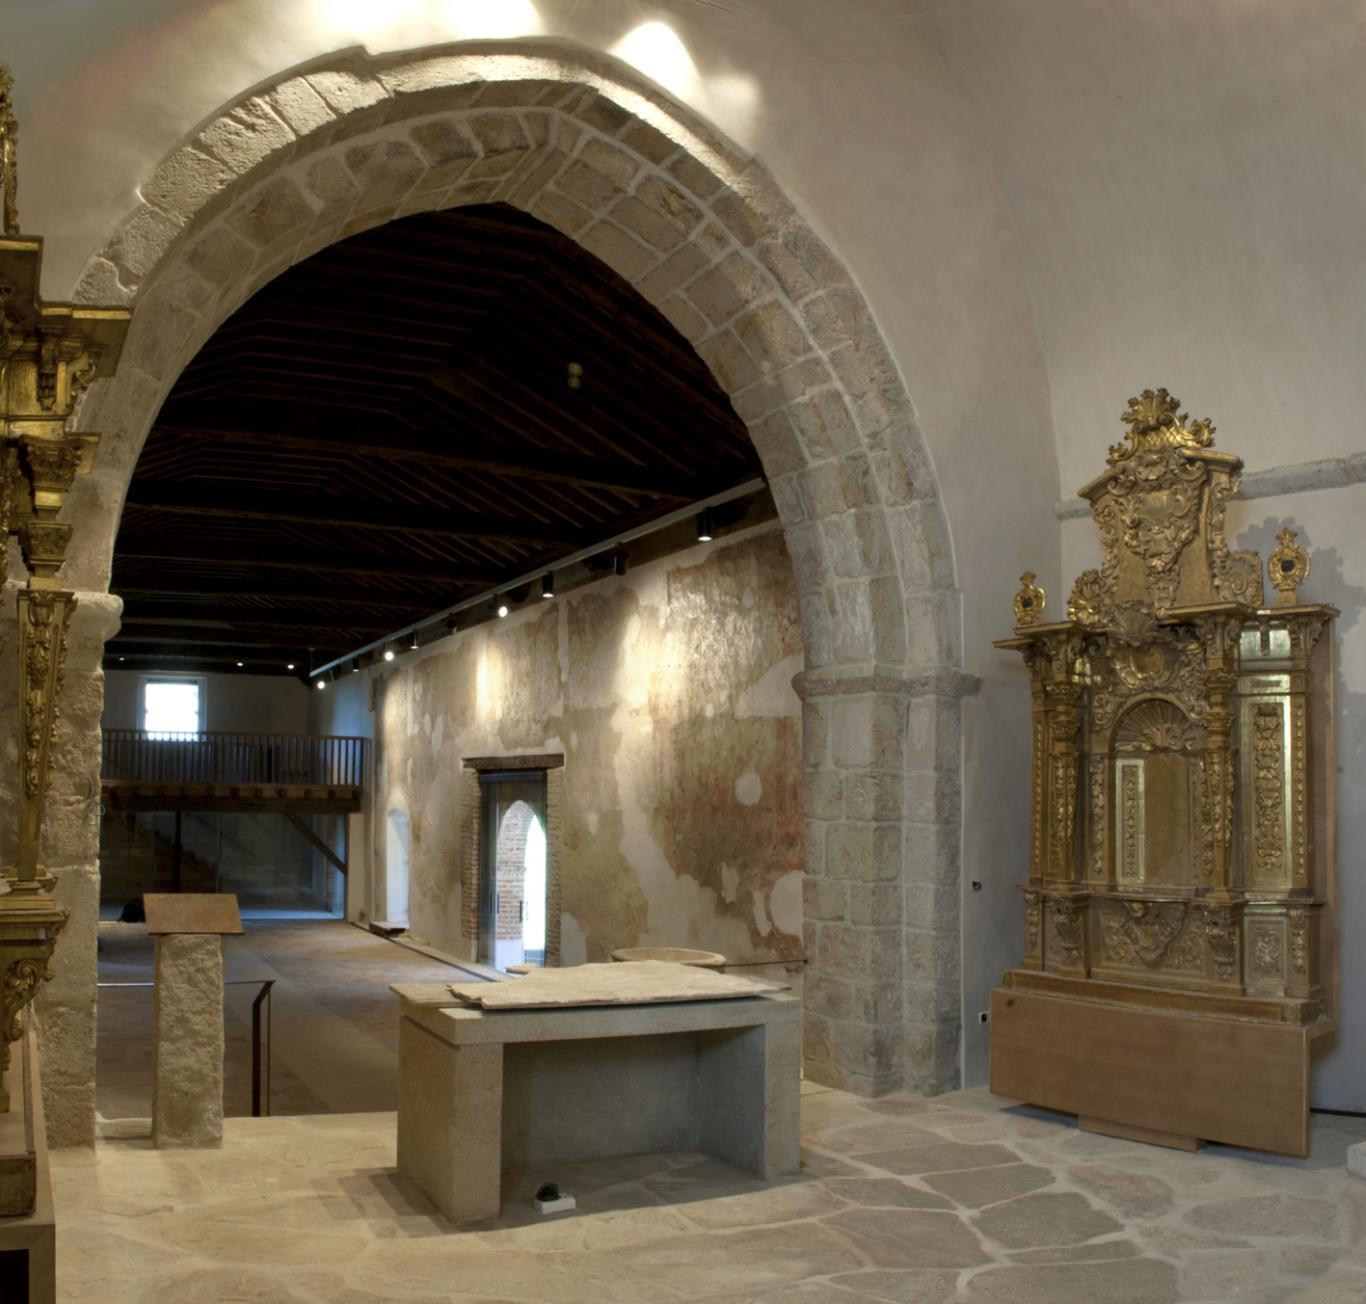 la iglesia parroquial de Santo Domingo de Silos